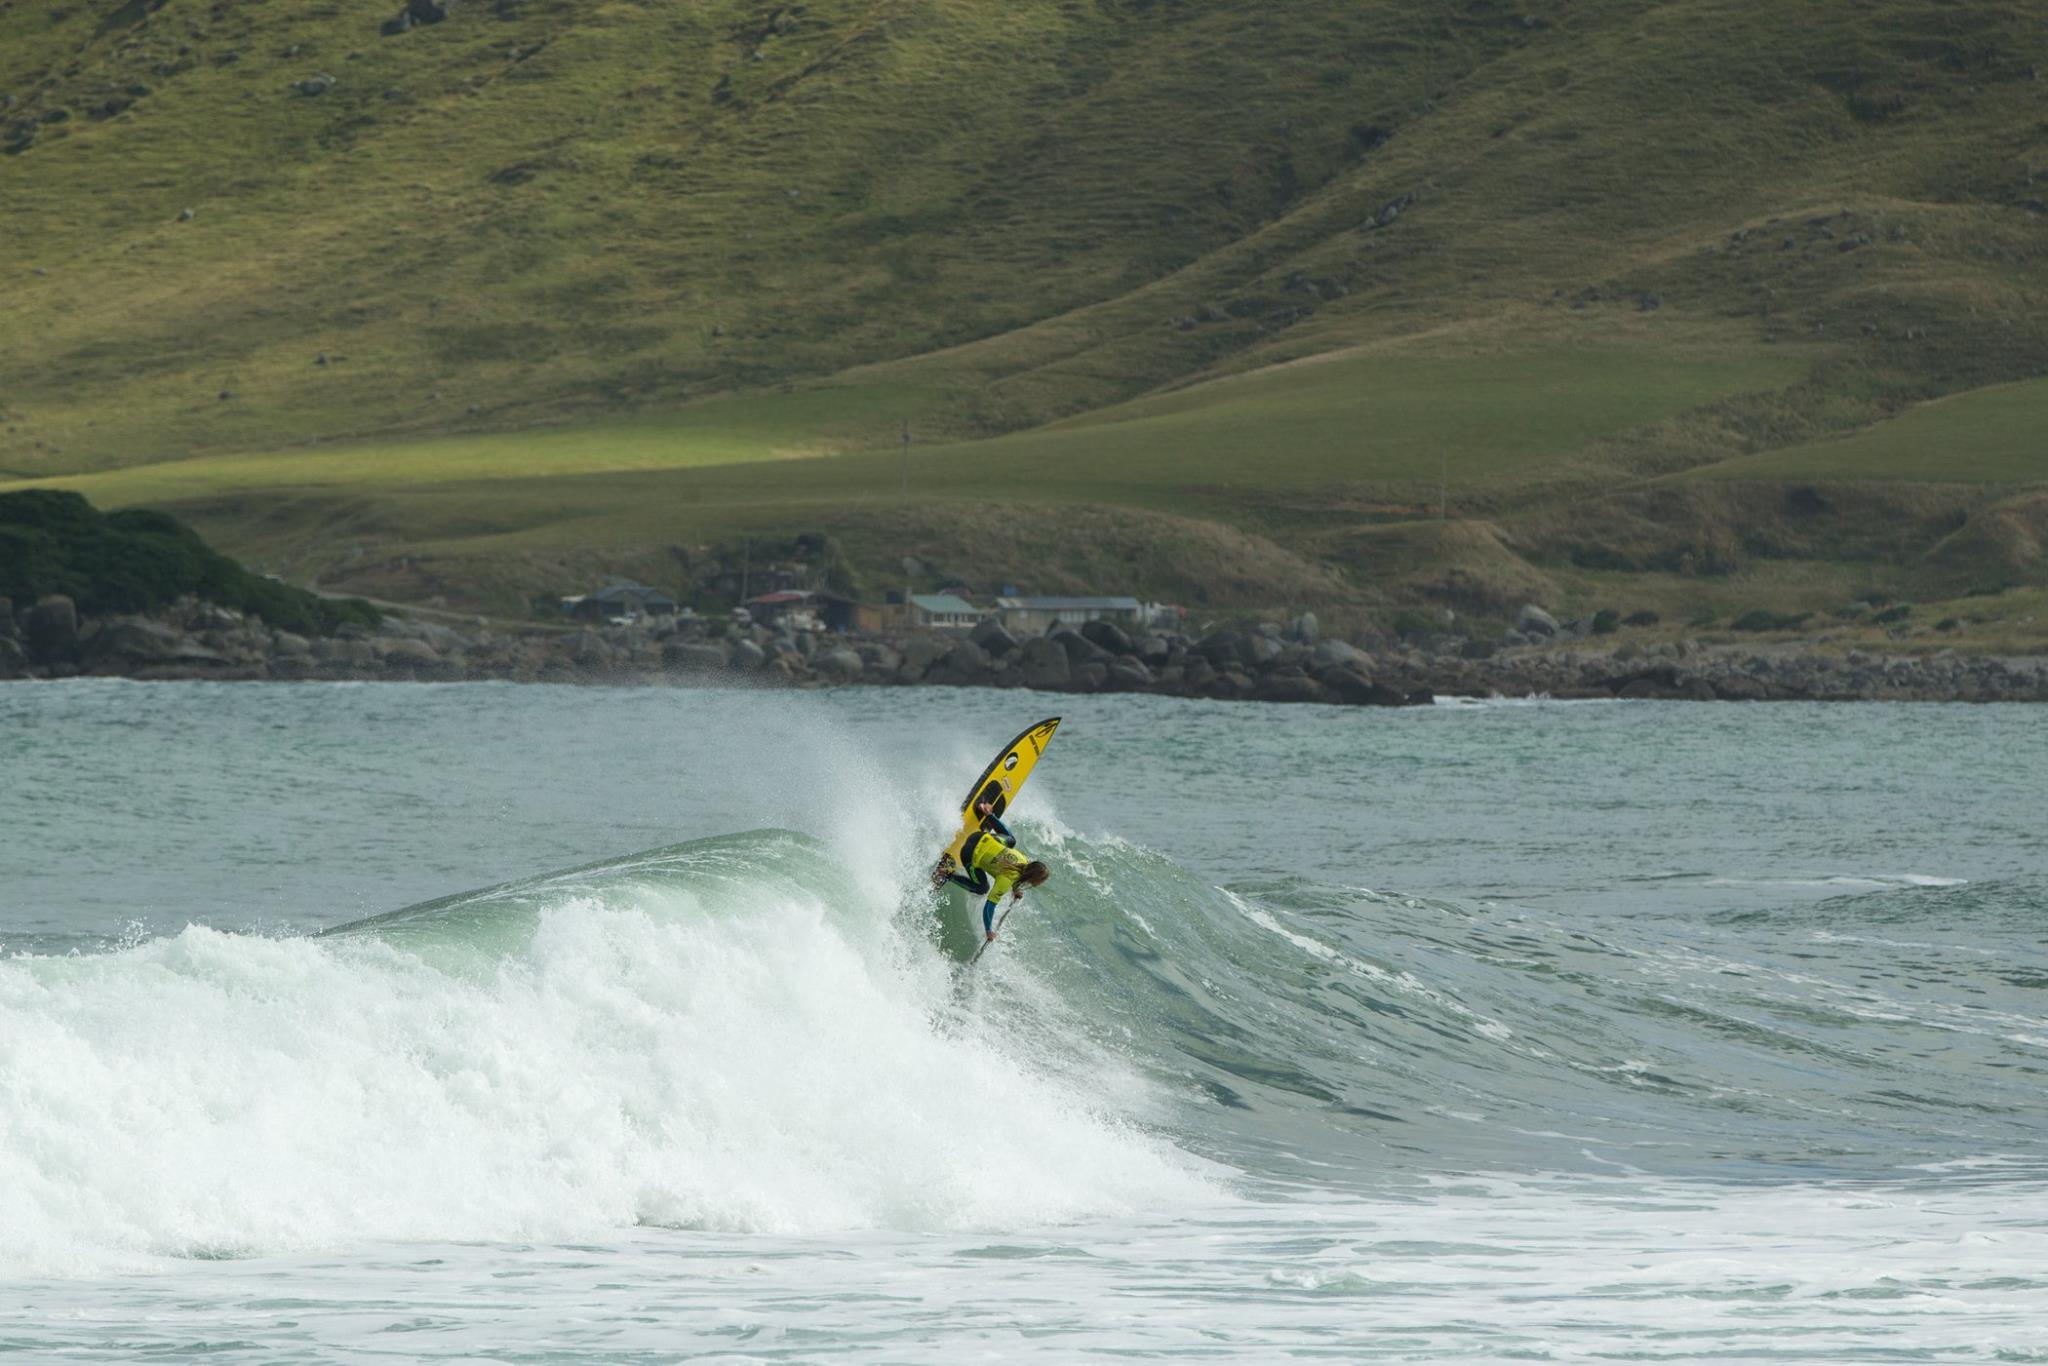 Caio Vaz dans le secret spot du bout du monde © Scott Sinton